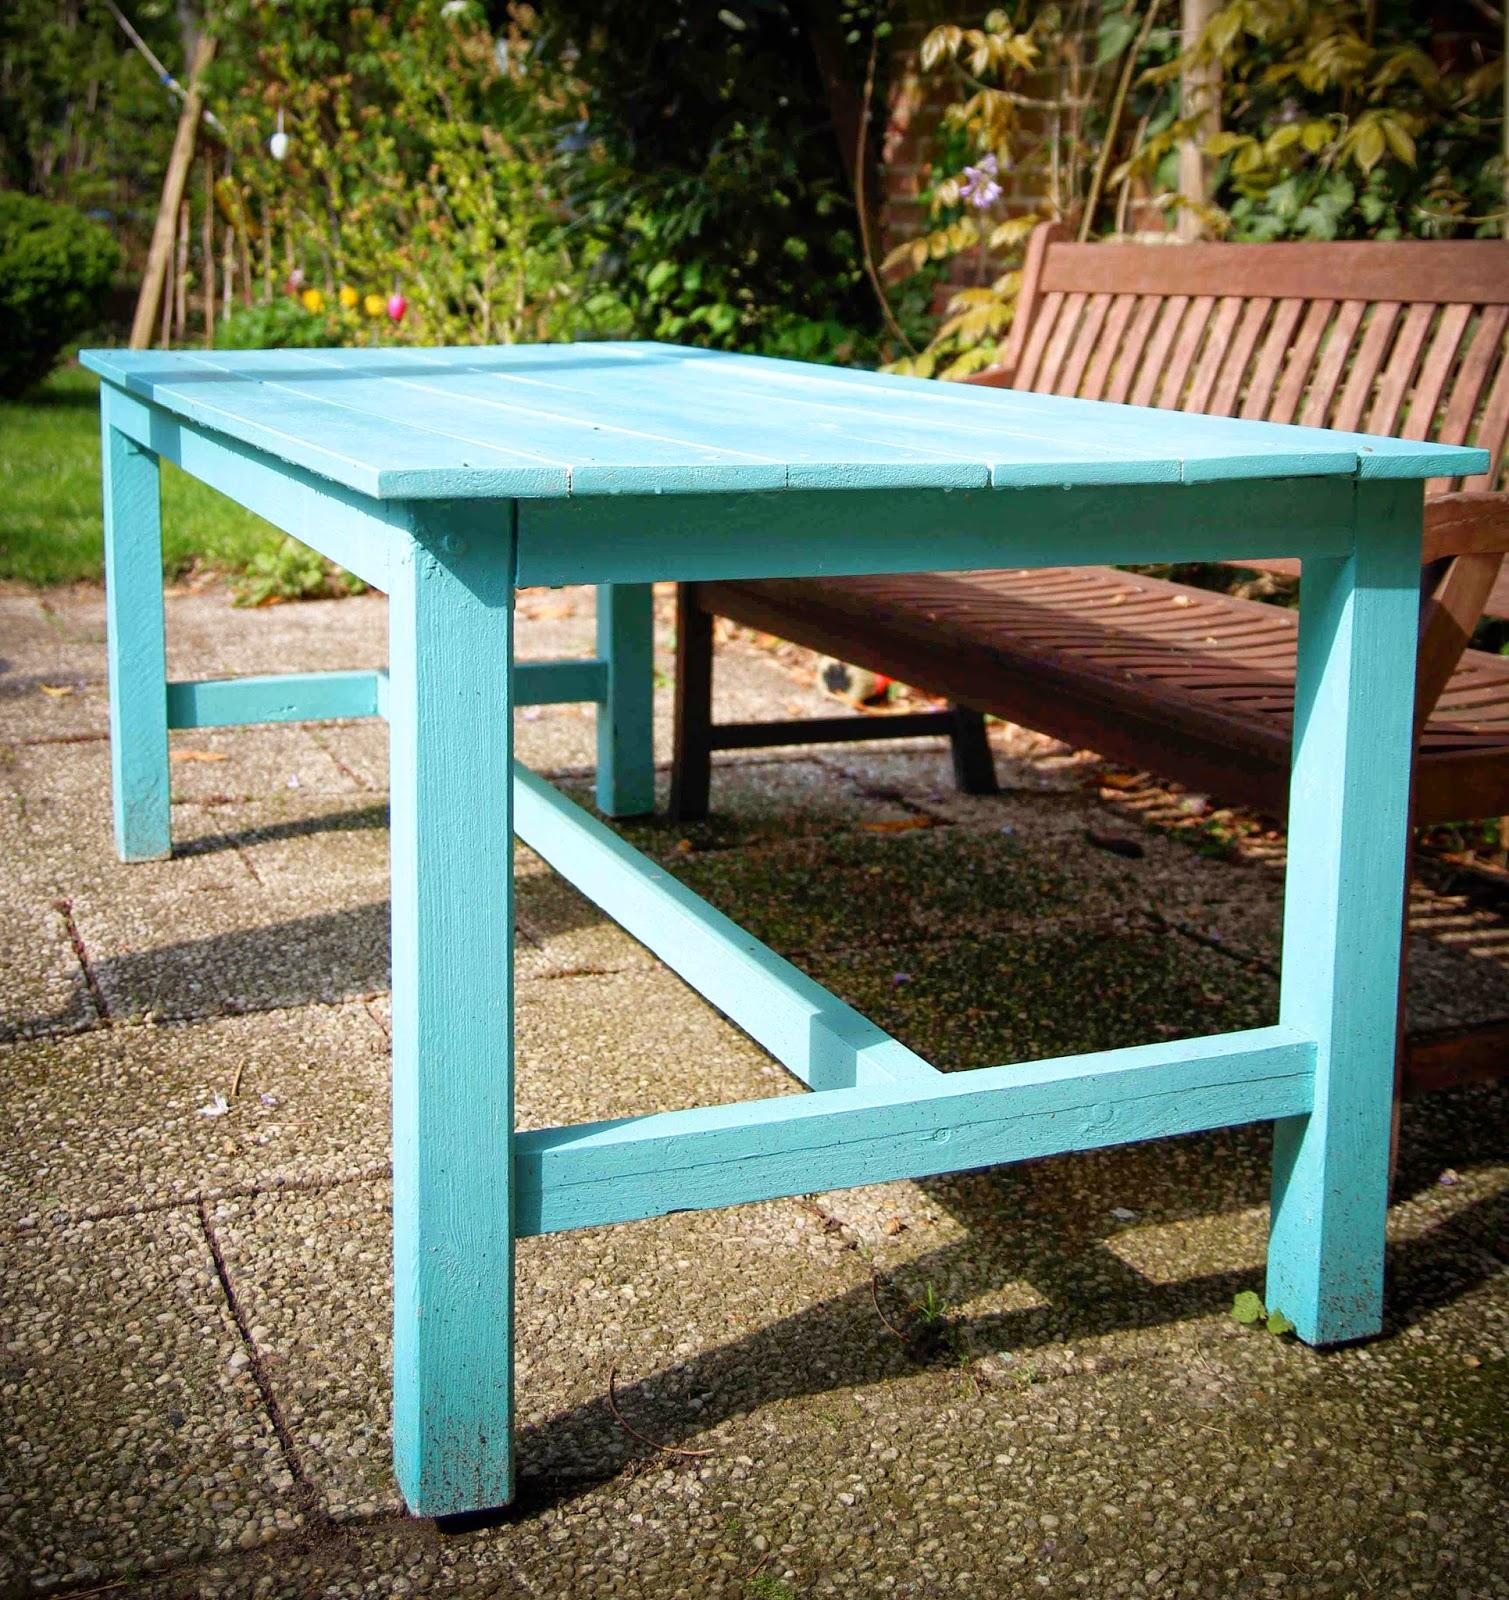 Treibholztag gartentisch selbst bauen - Gartentisch selbst bauen ...